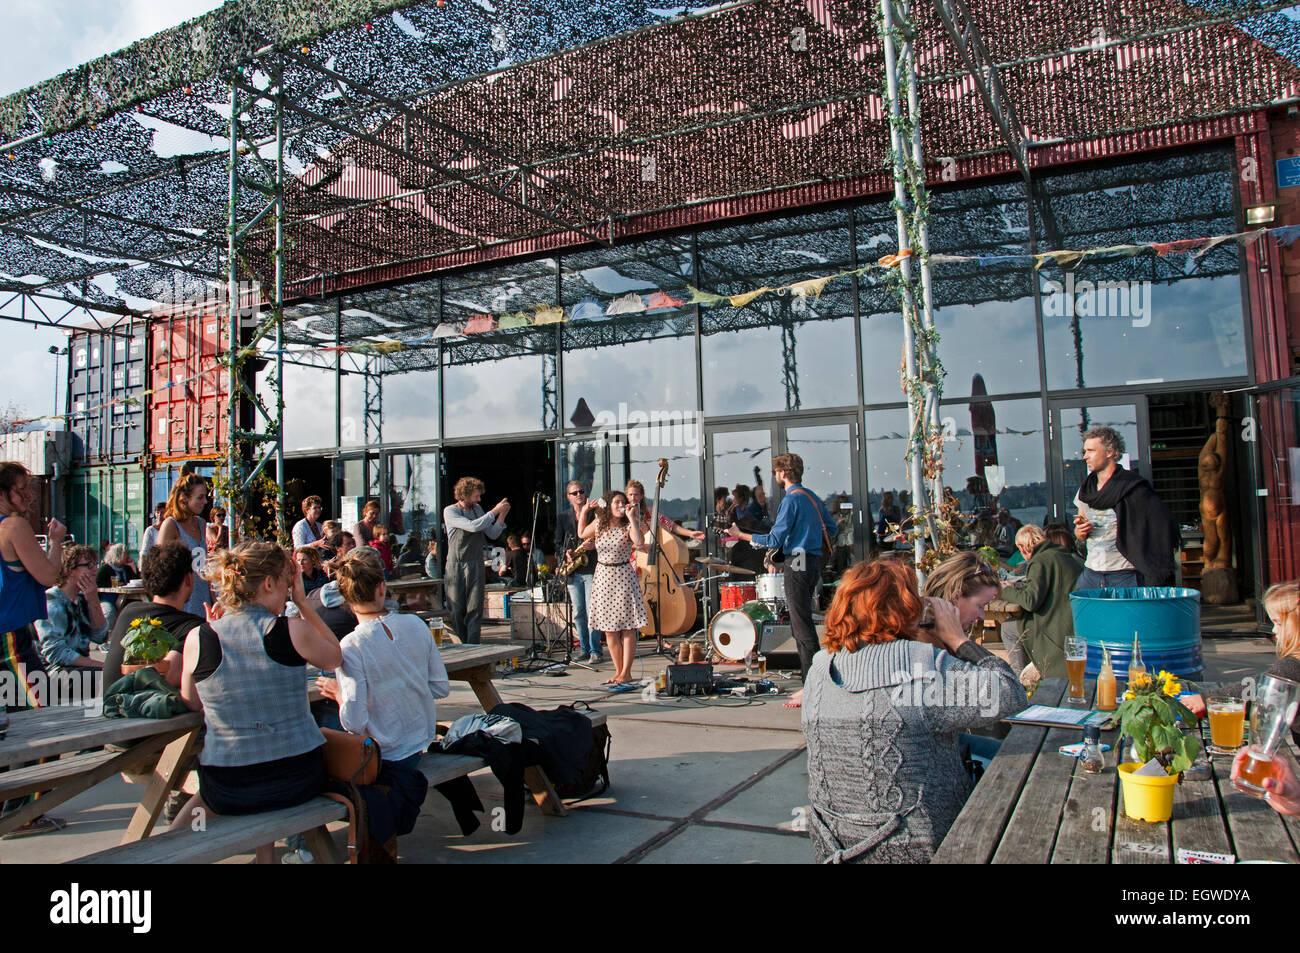 Pllek Strand Café Pub Bar, die Pllek der Industrierohstoffe (Containern) Restaurant auf dem IJ-Hafen Hafen Stockbild